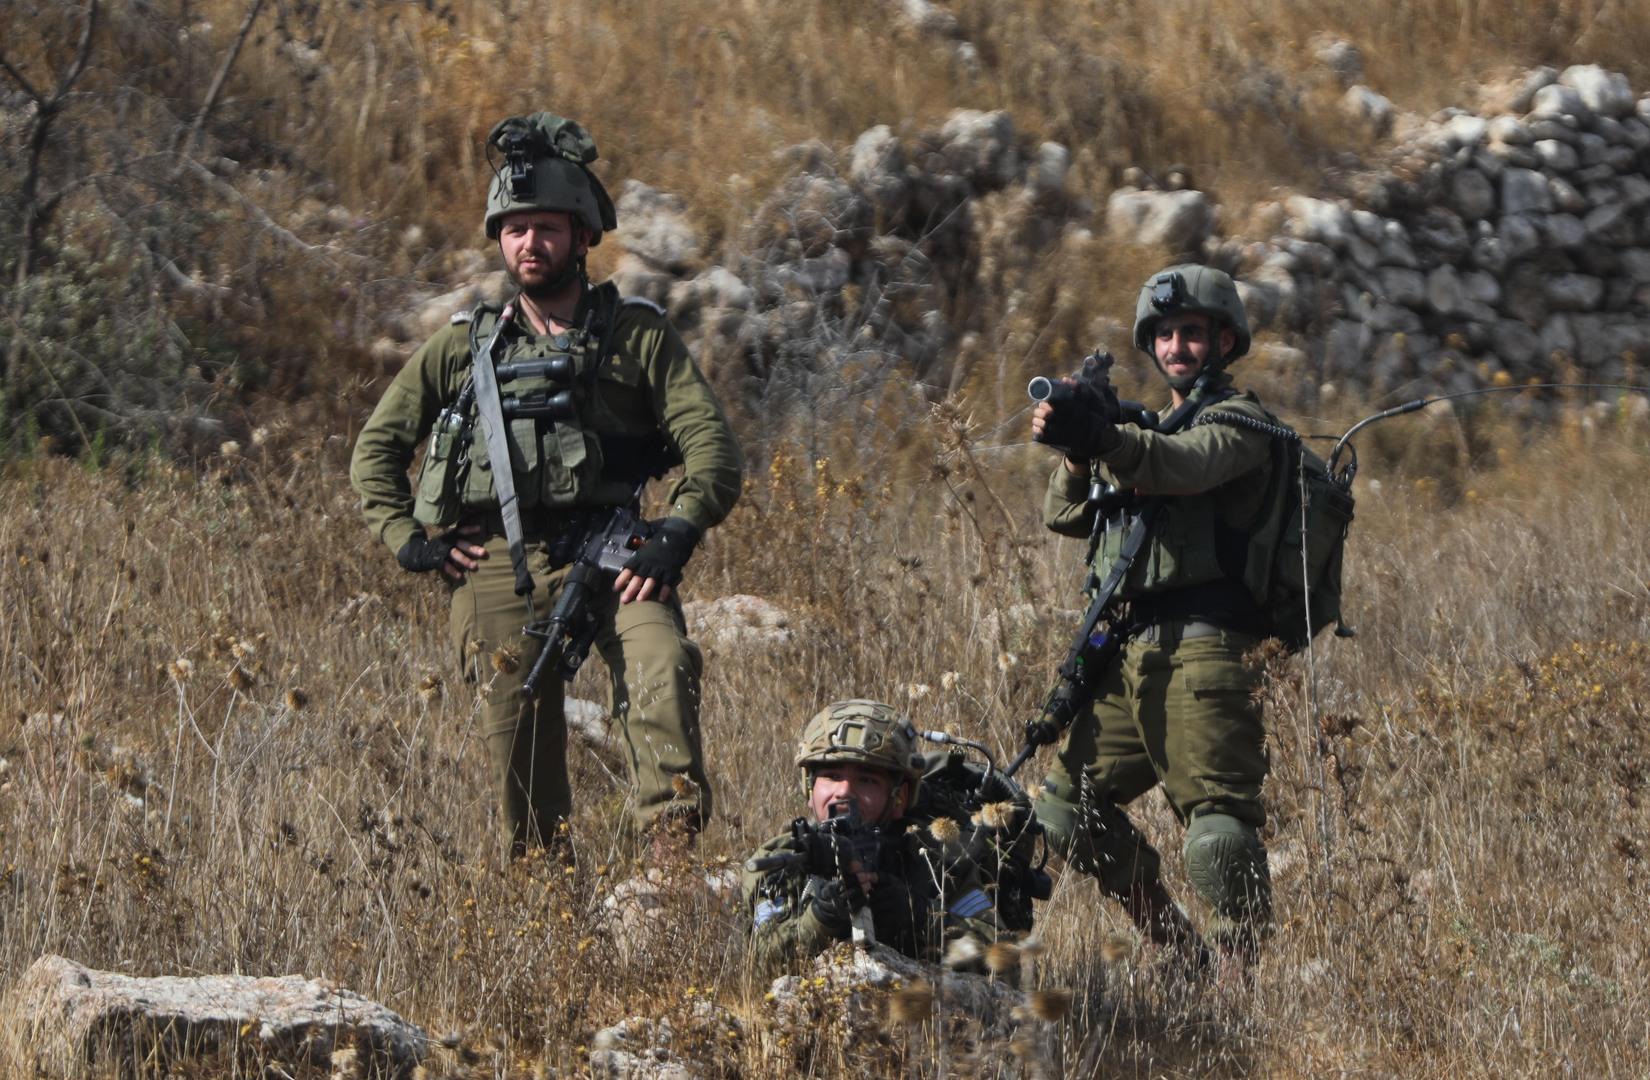 الجيش الإسرائيلي يعلن عن إحباط محاولة تهريب أسلحة من غور الأردن إلى إسرائيل (صورة)